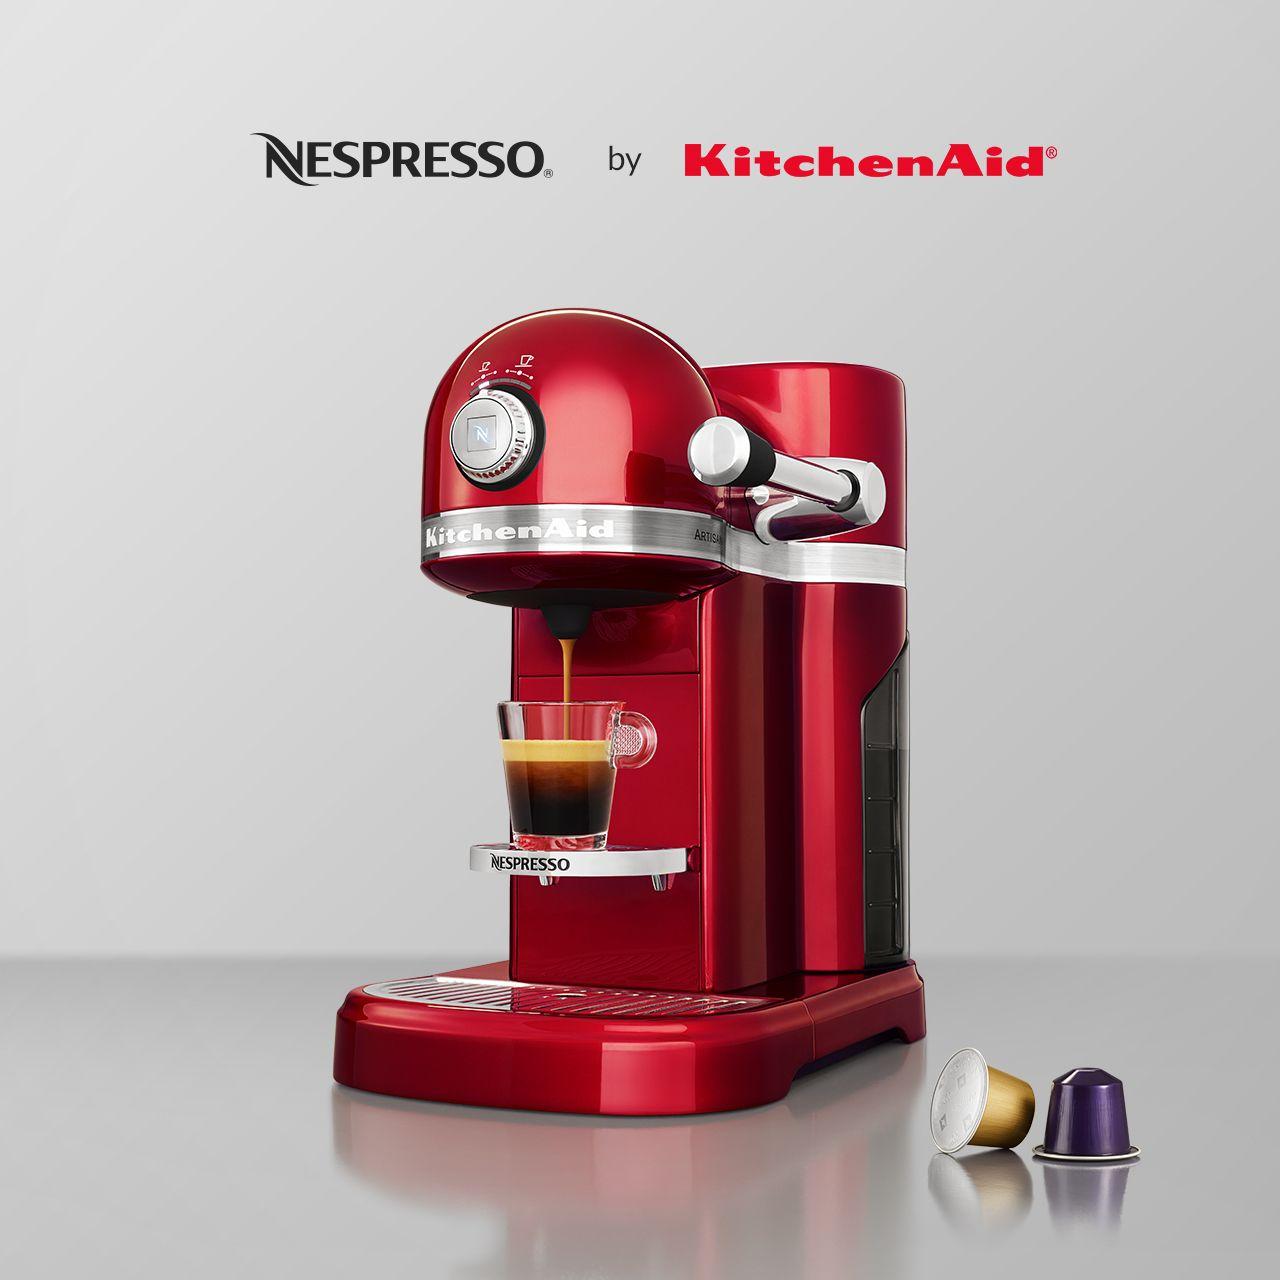 design meets taste scopri la nuova macchina nespresso by kitchenaid rh pinterest co uk